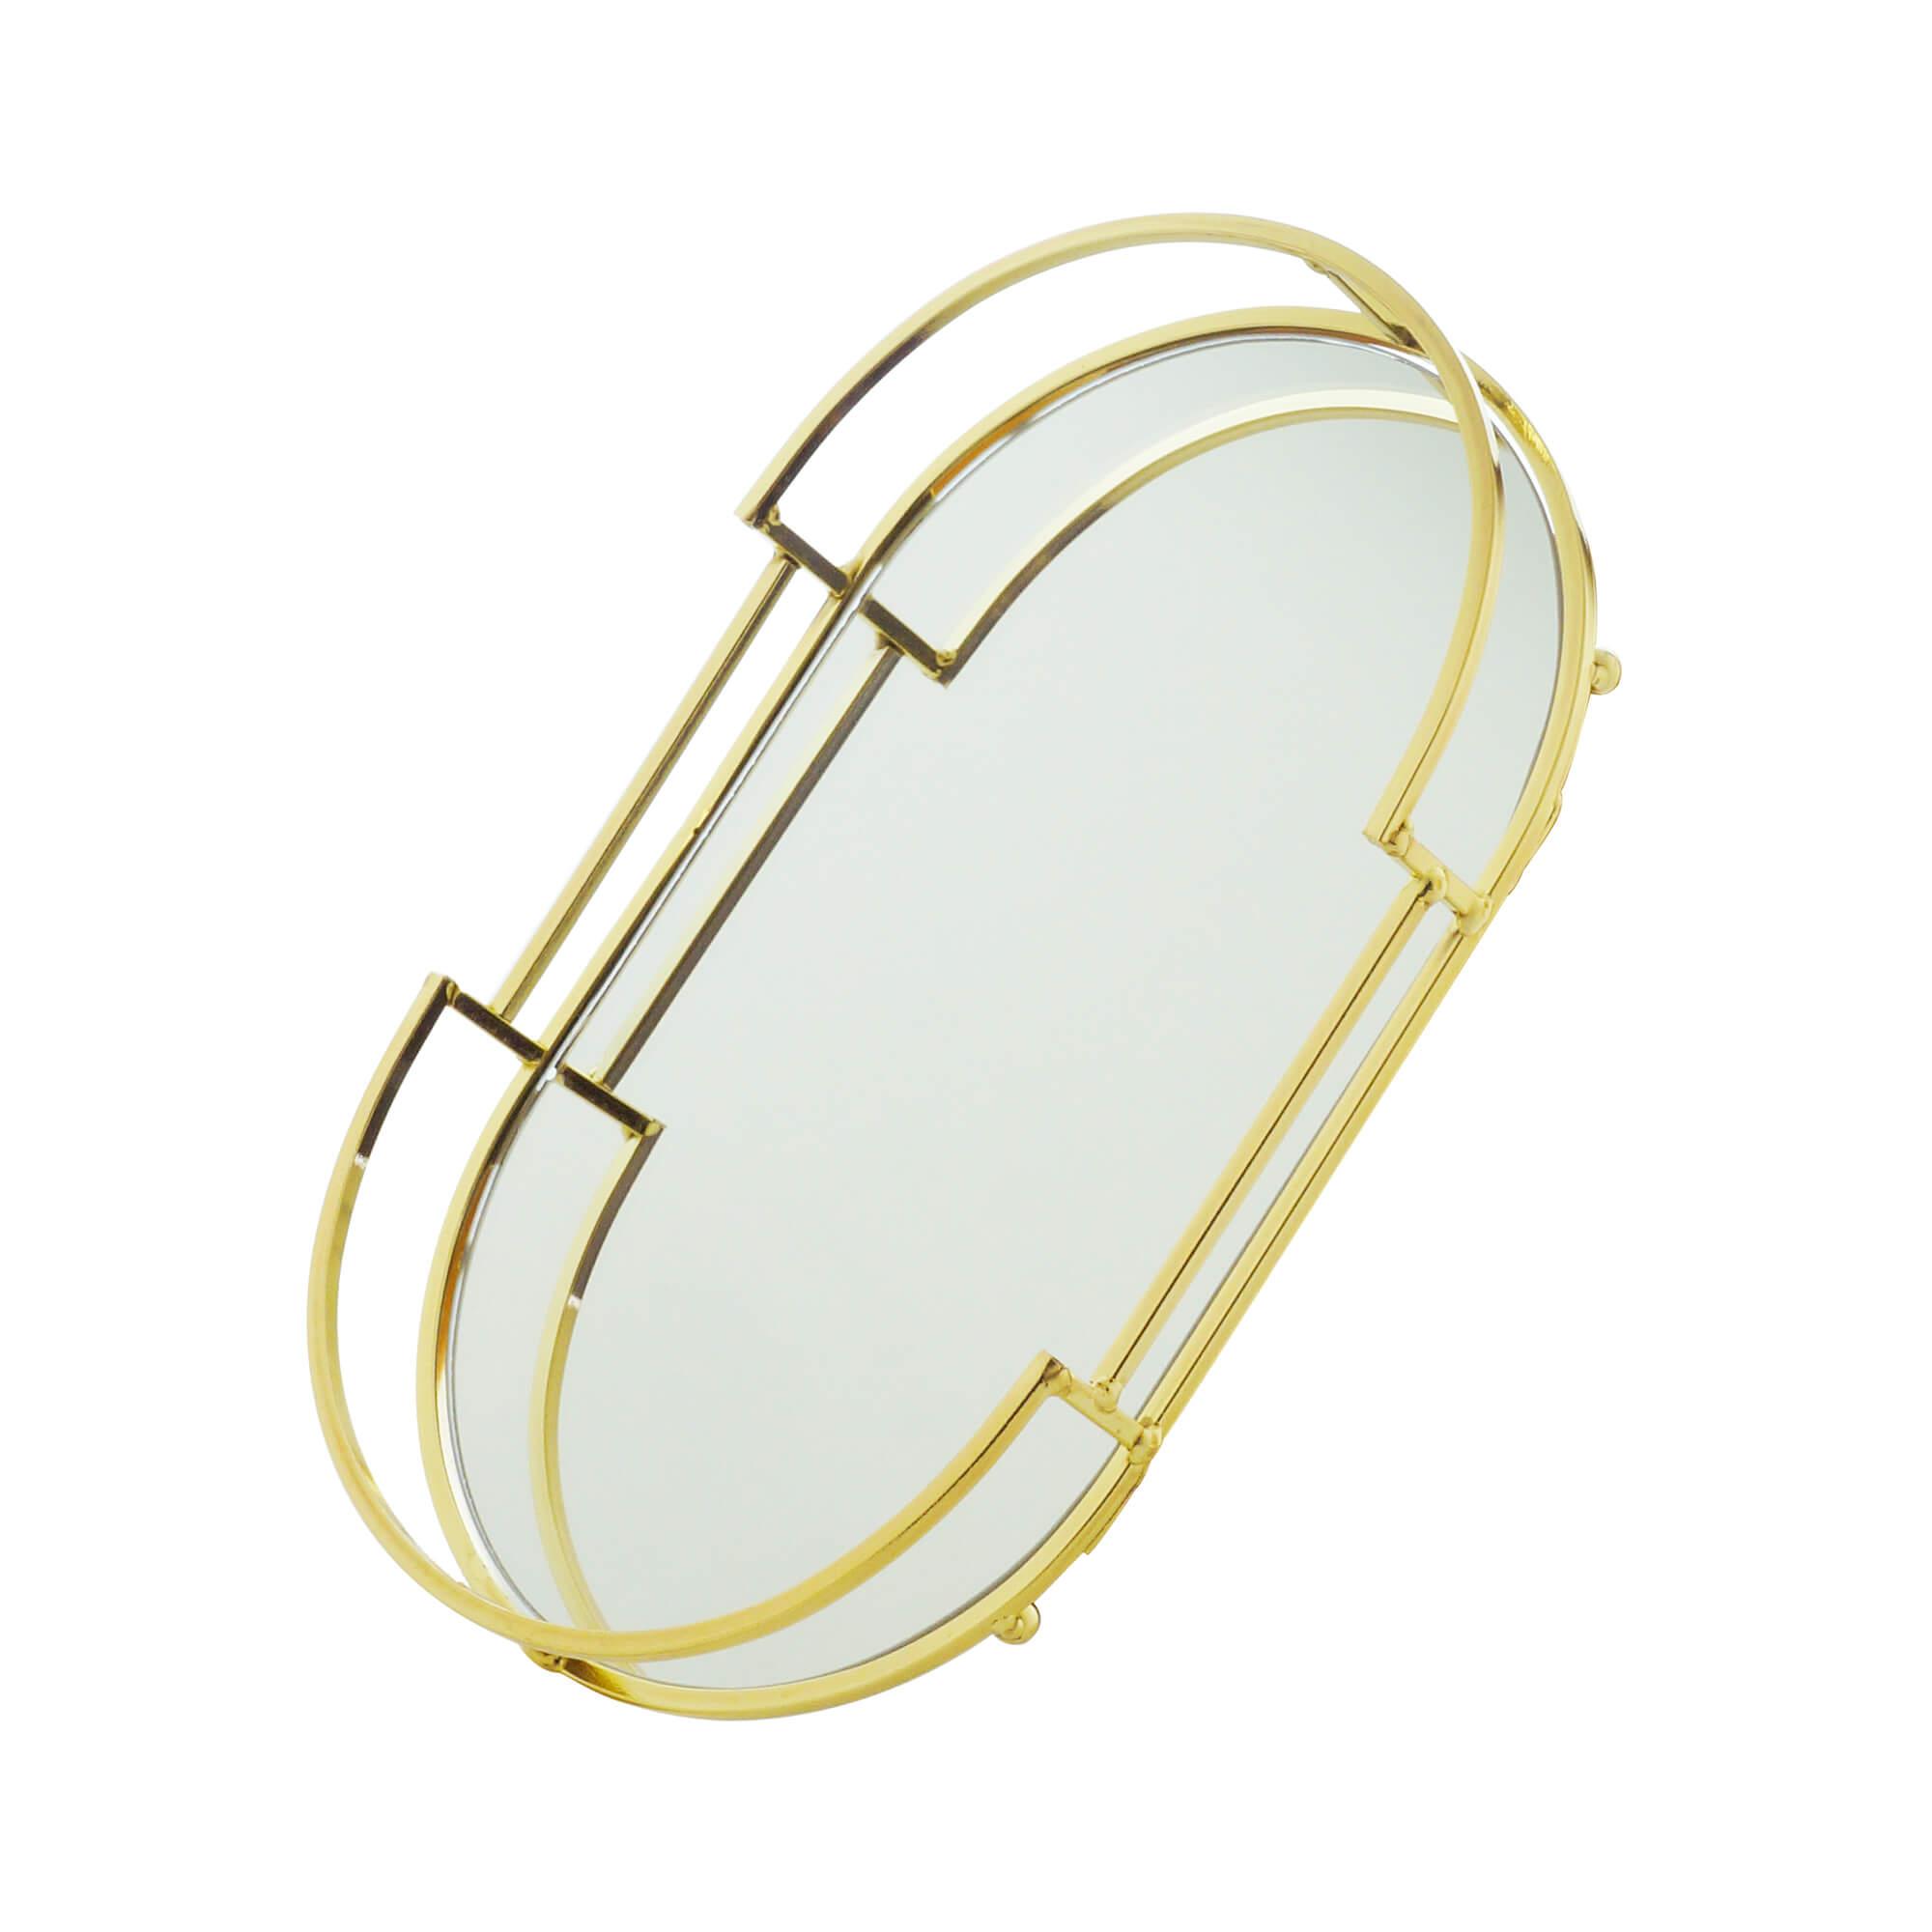 Bandeja Decorativa Espelhada Oval em Metal Dourada 32cm